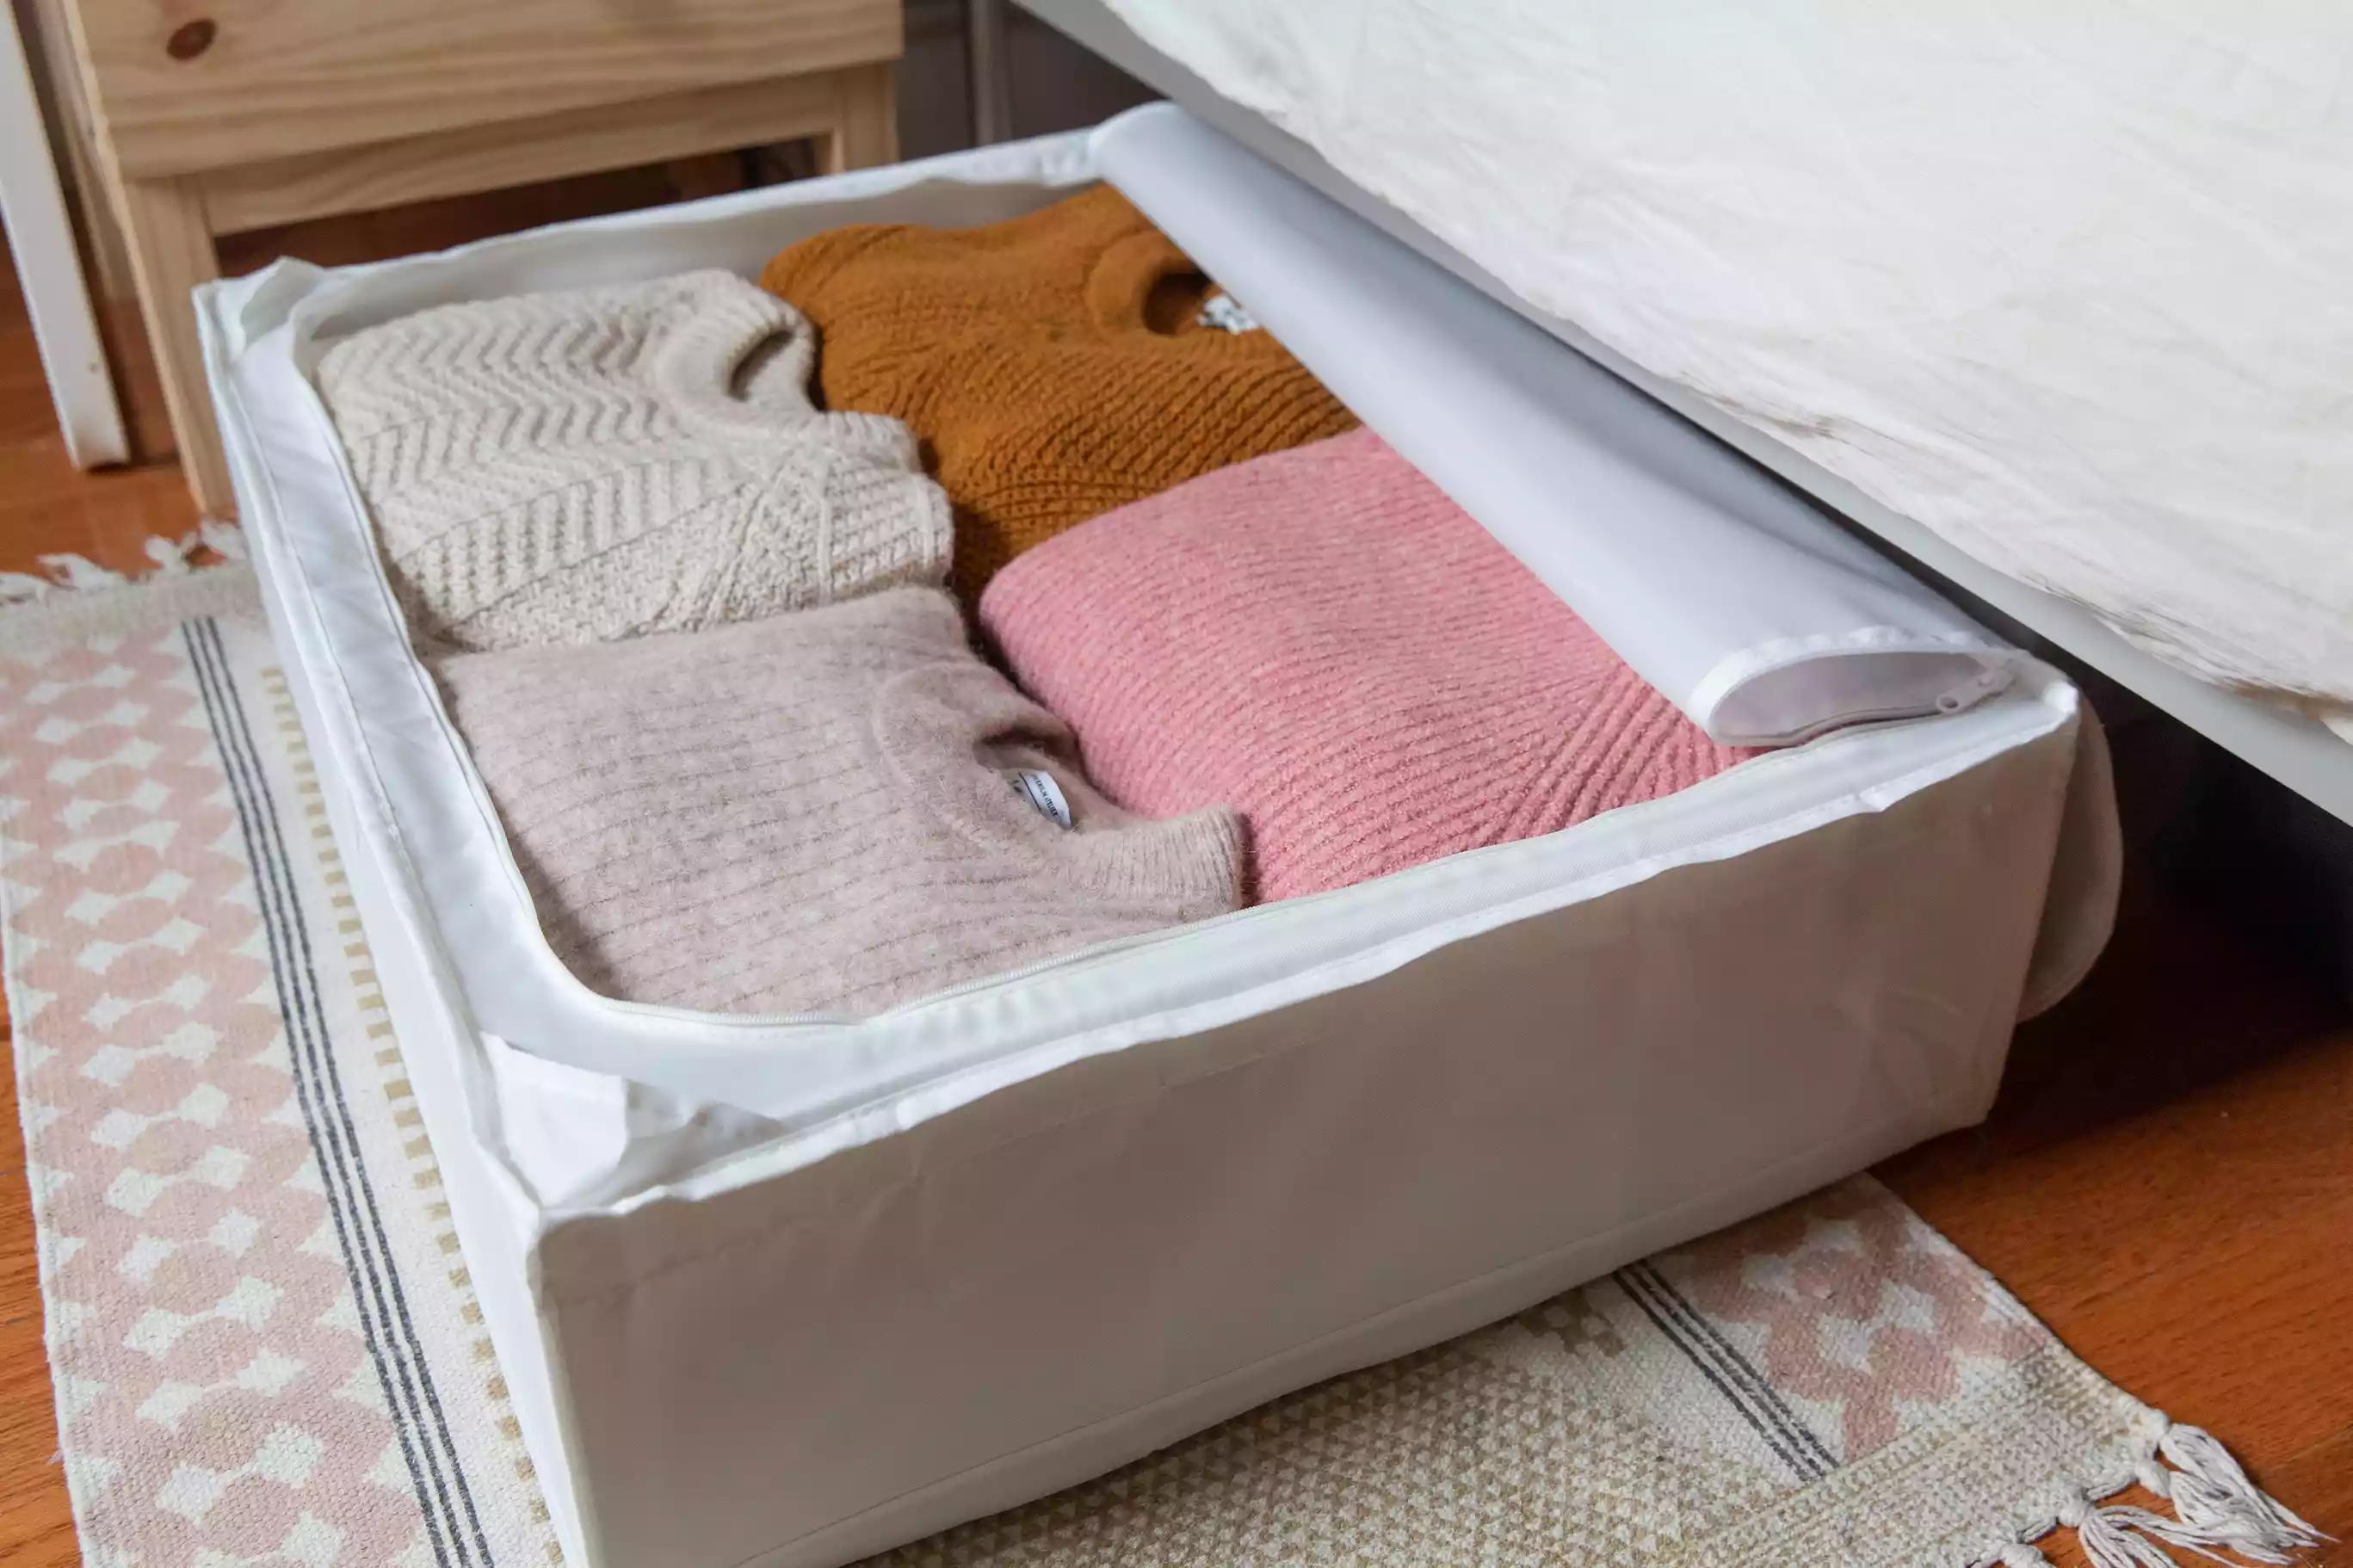 Organisez vos vêtements saisonniers